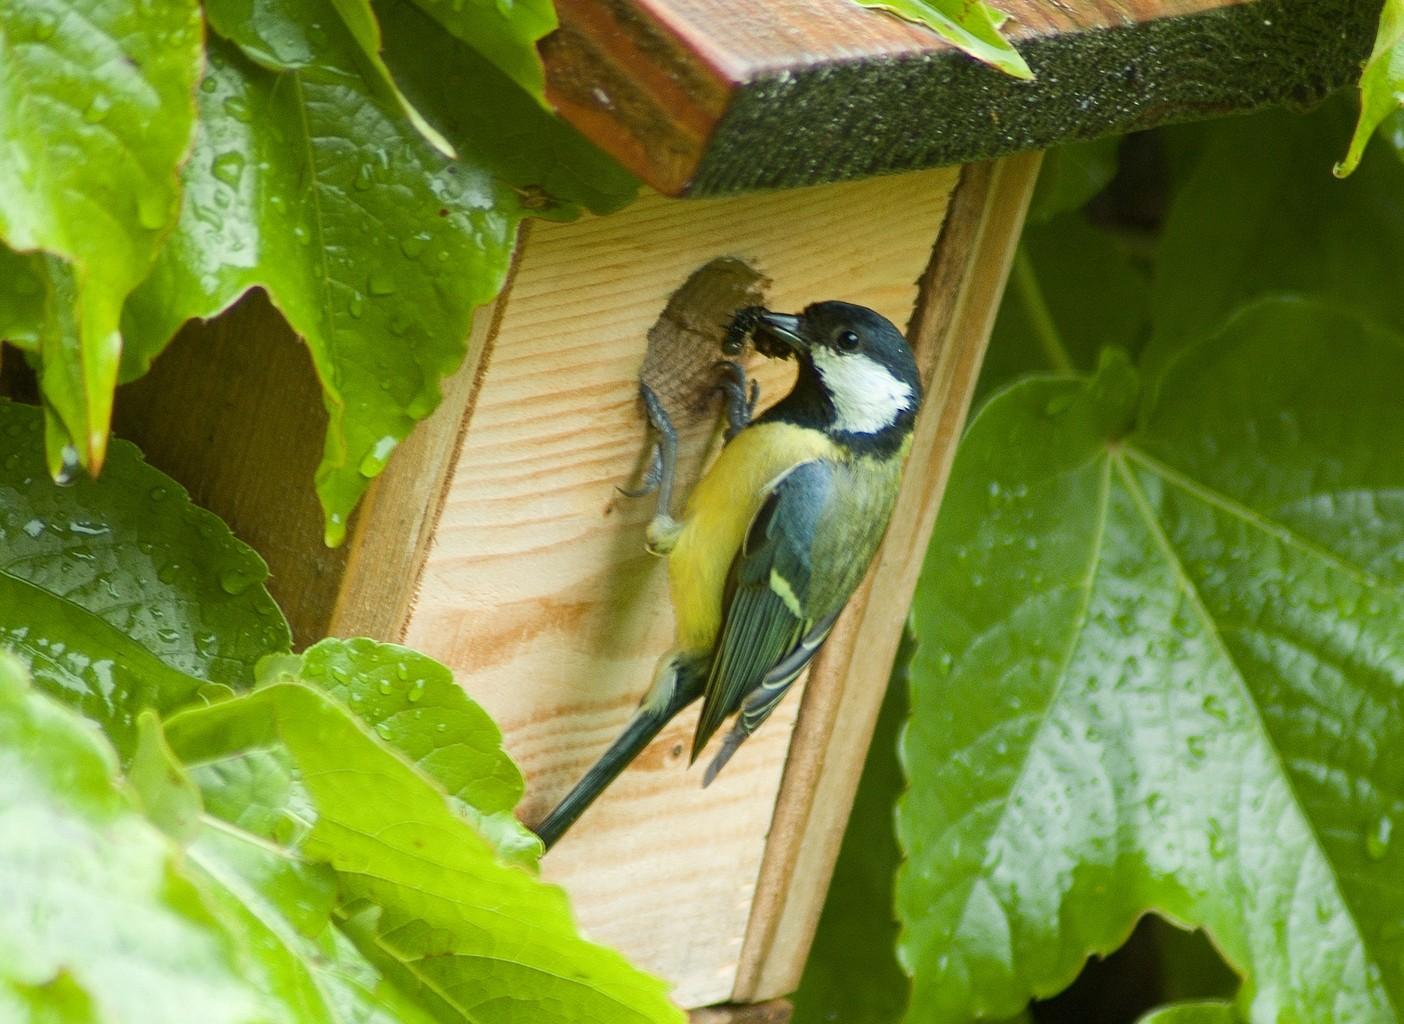 choisir l 39 emplacement de votre nichoir pour oiseaux. Black Bedroom Furniture Sets. Home Design Ideas